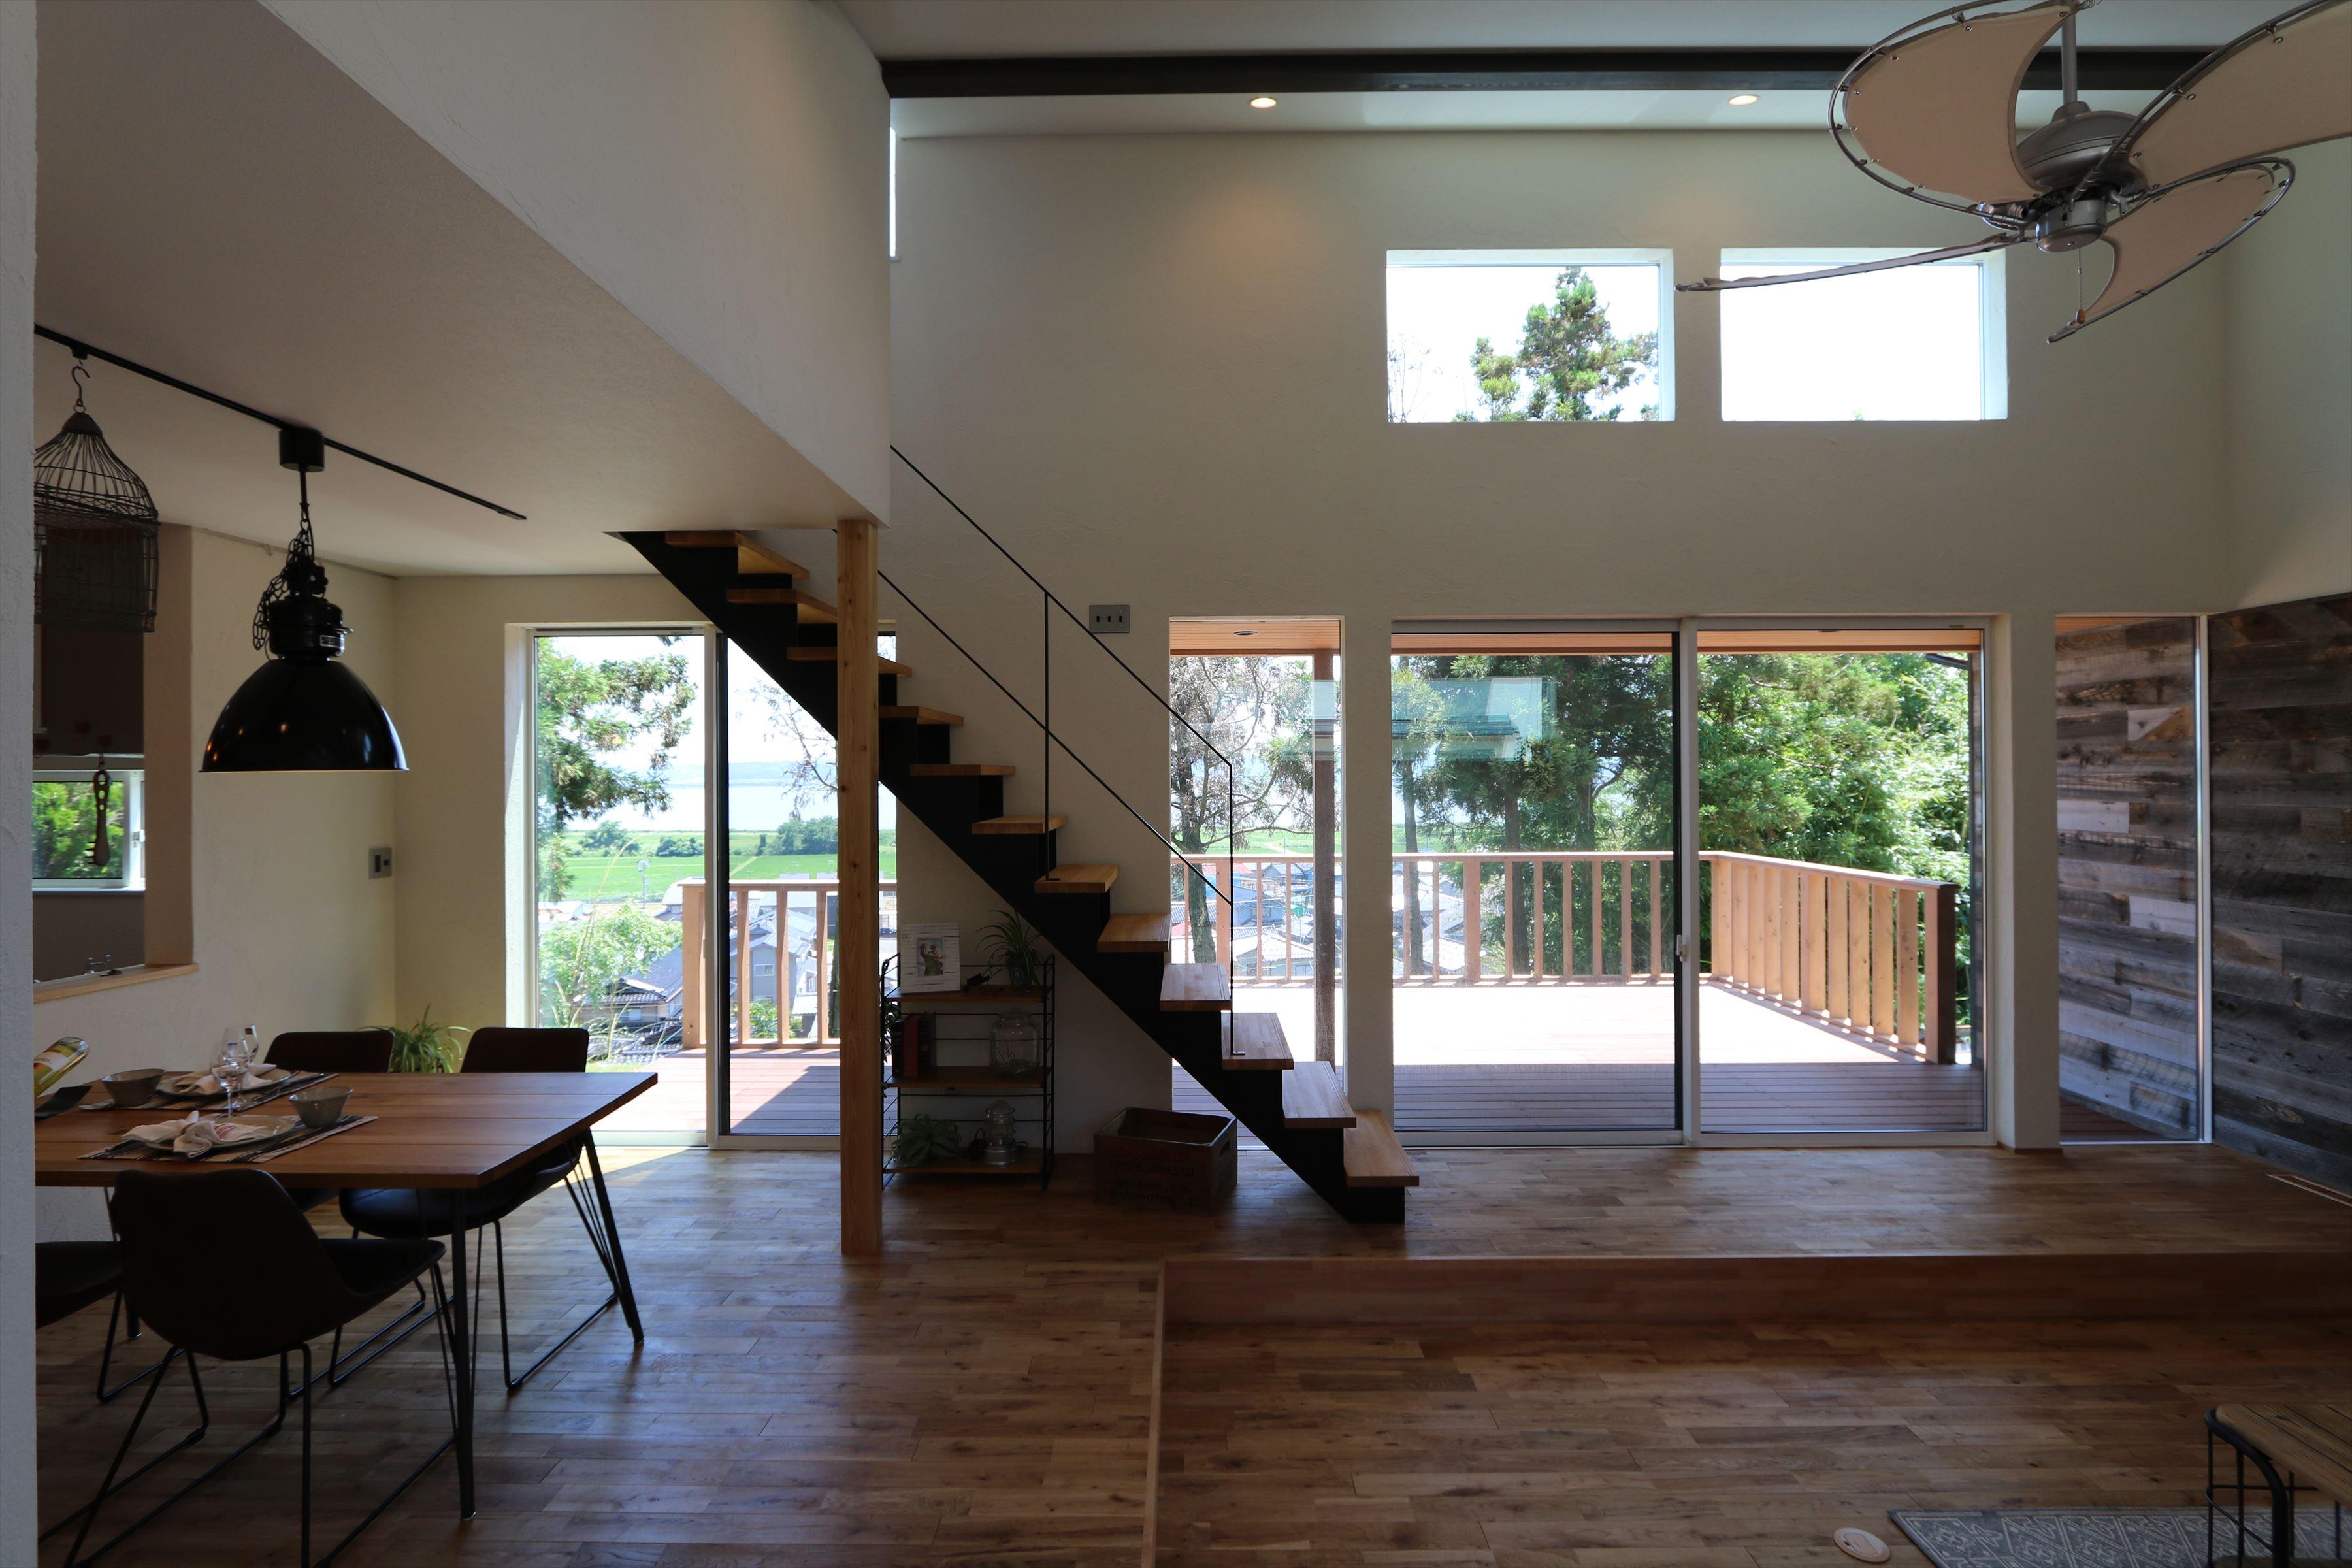 眺望と向き合う Vintage wood の家|石川県金沢市の注文住宅・デザイン性・新築の家・戸建て|E-HOUSE